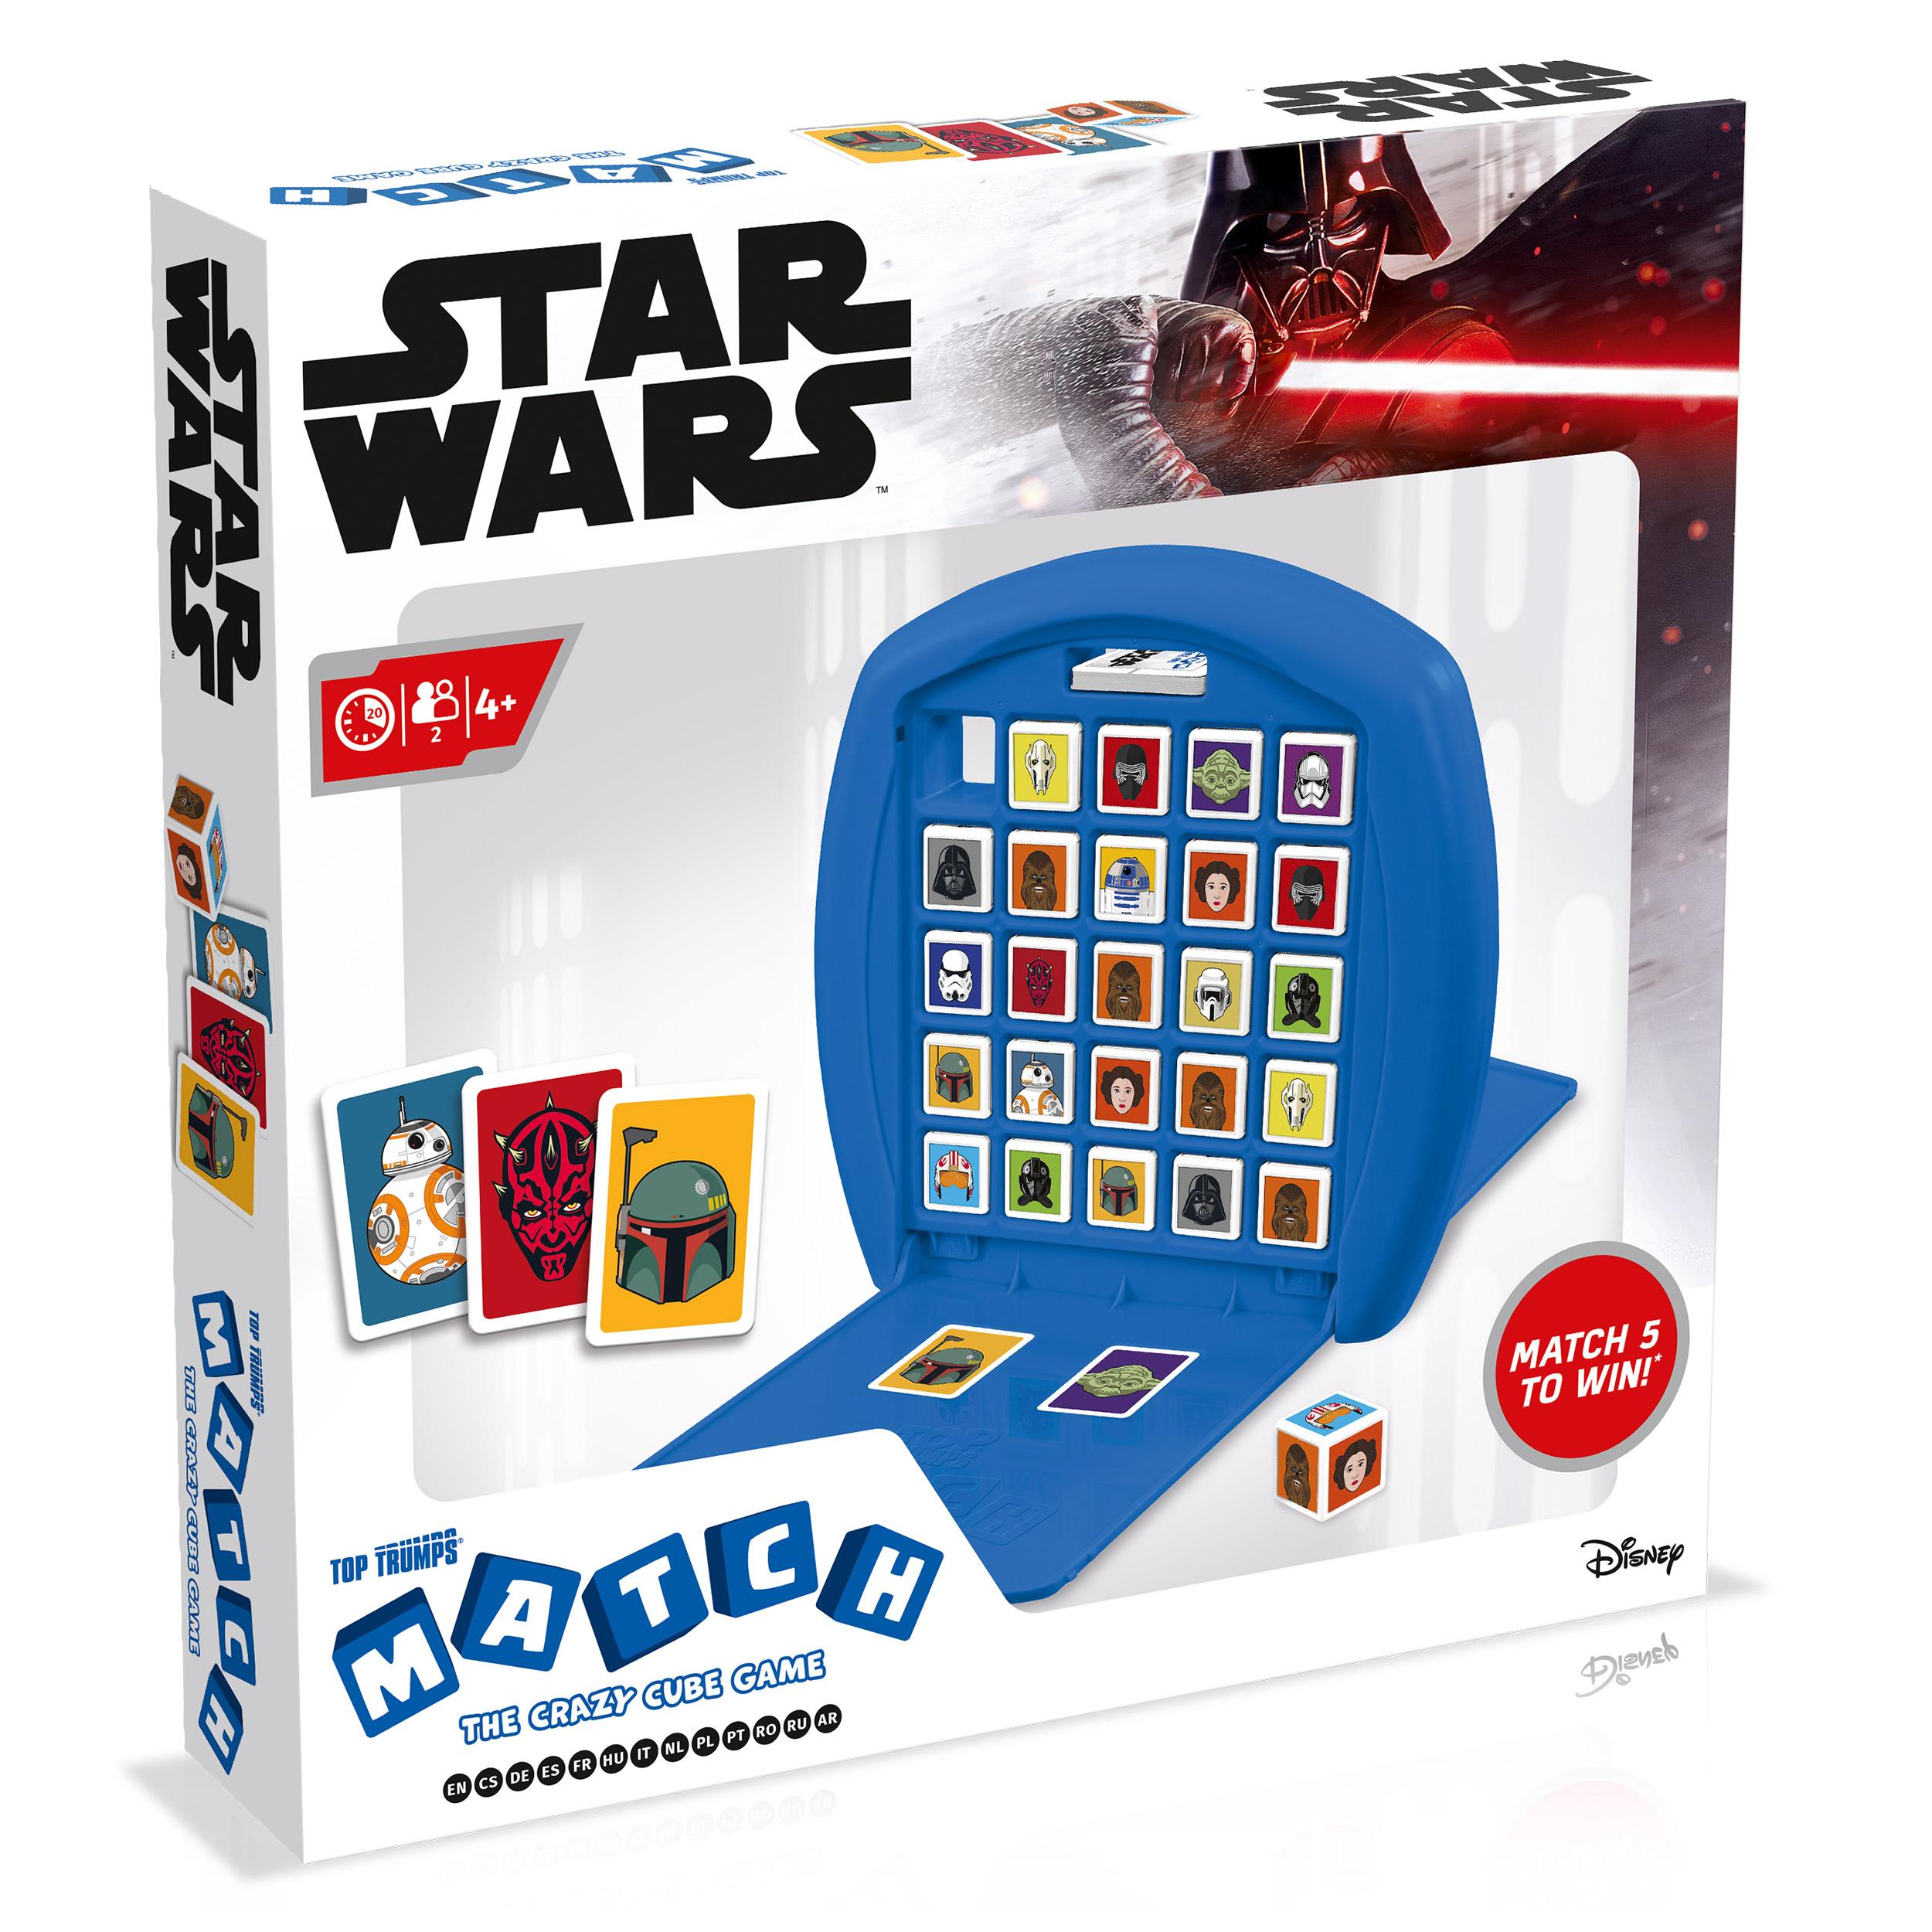 Star Wars Match